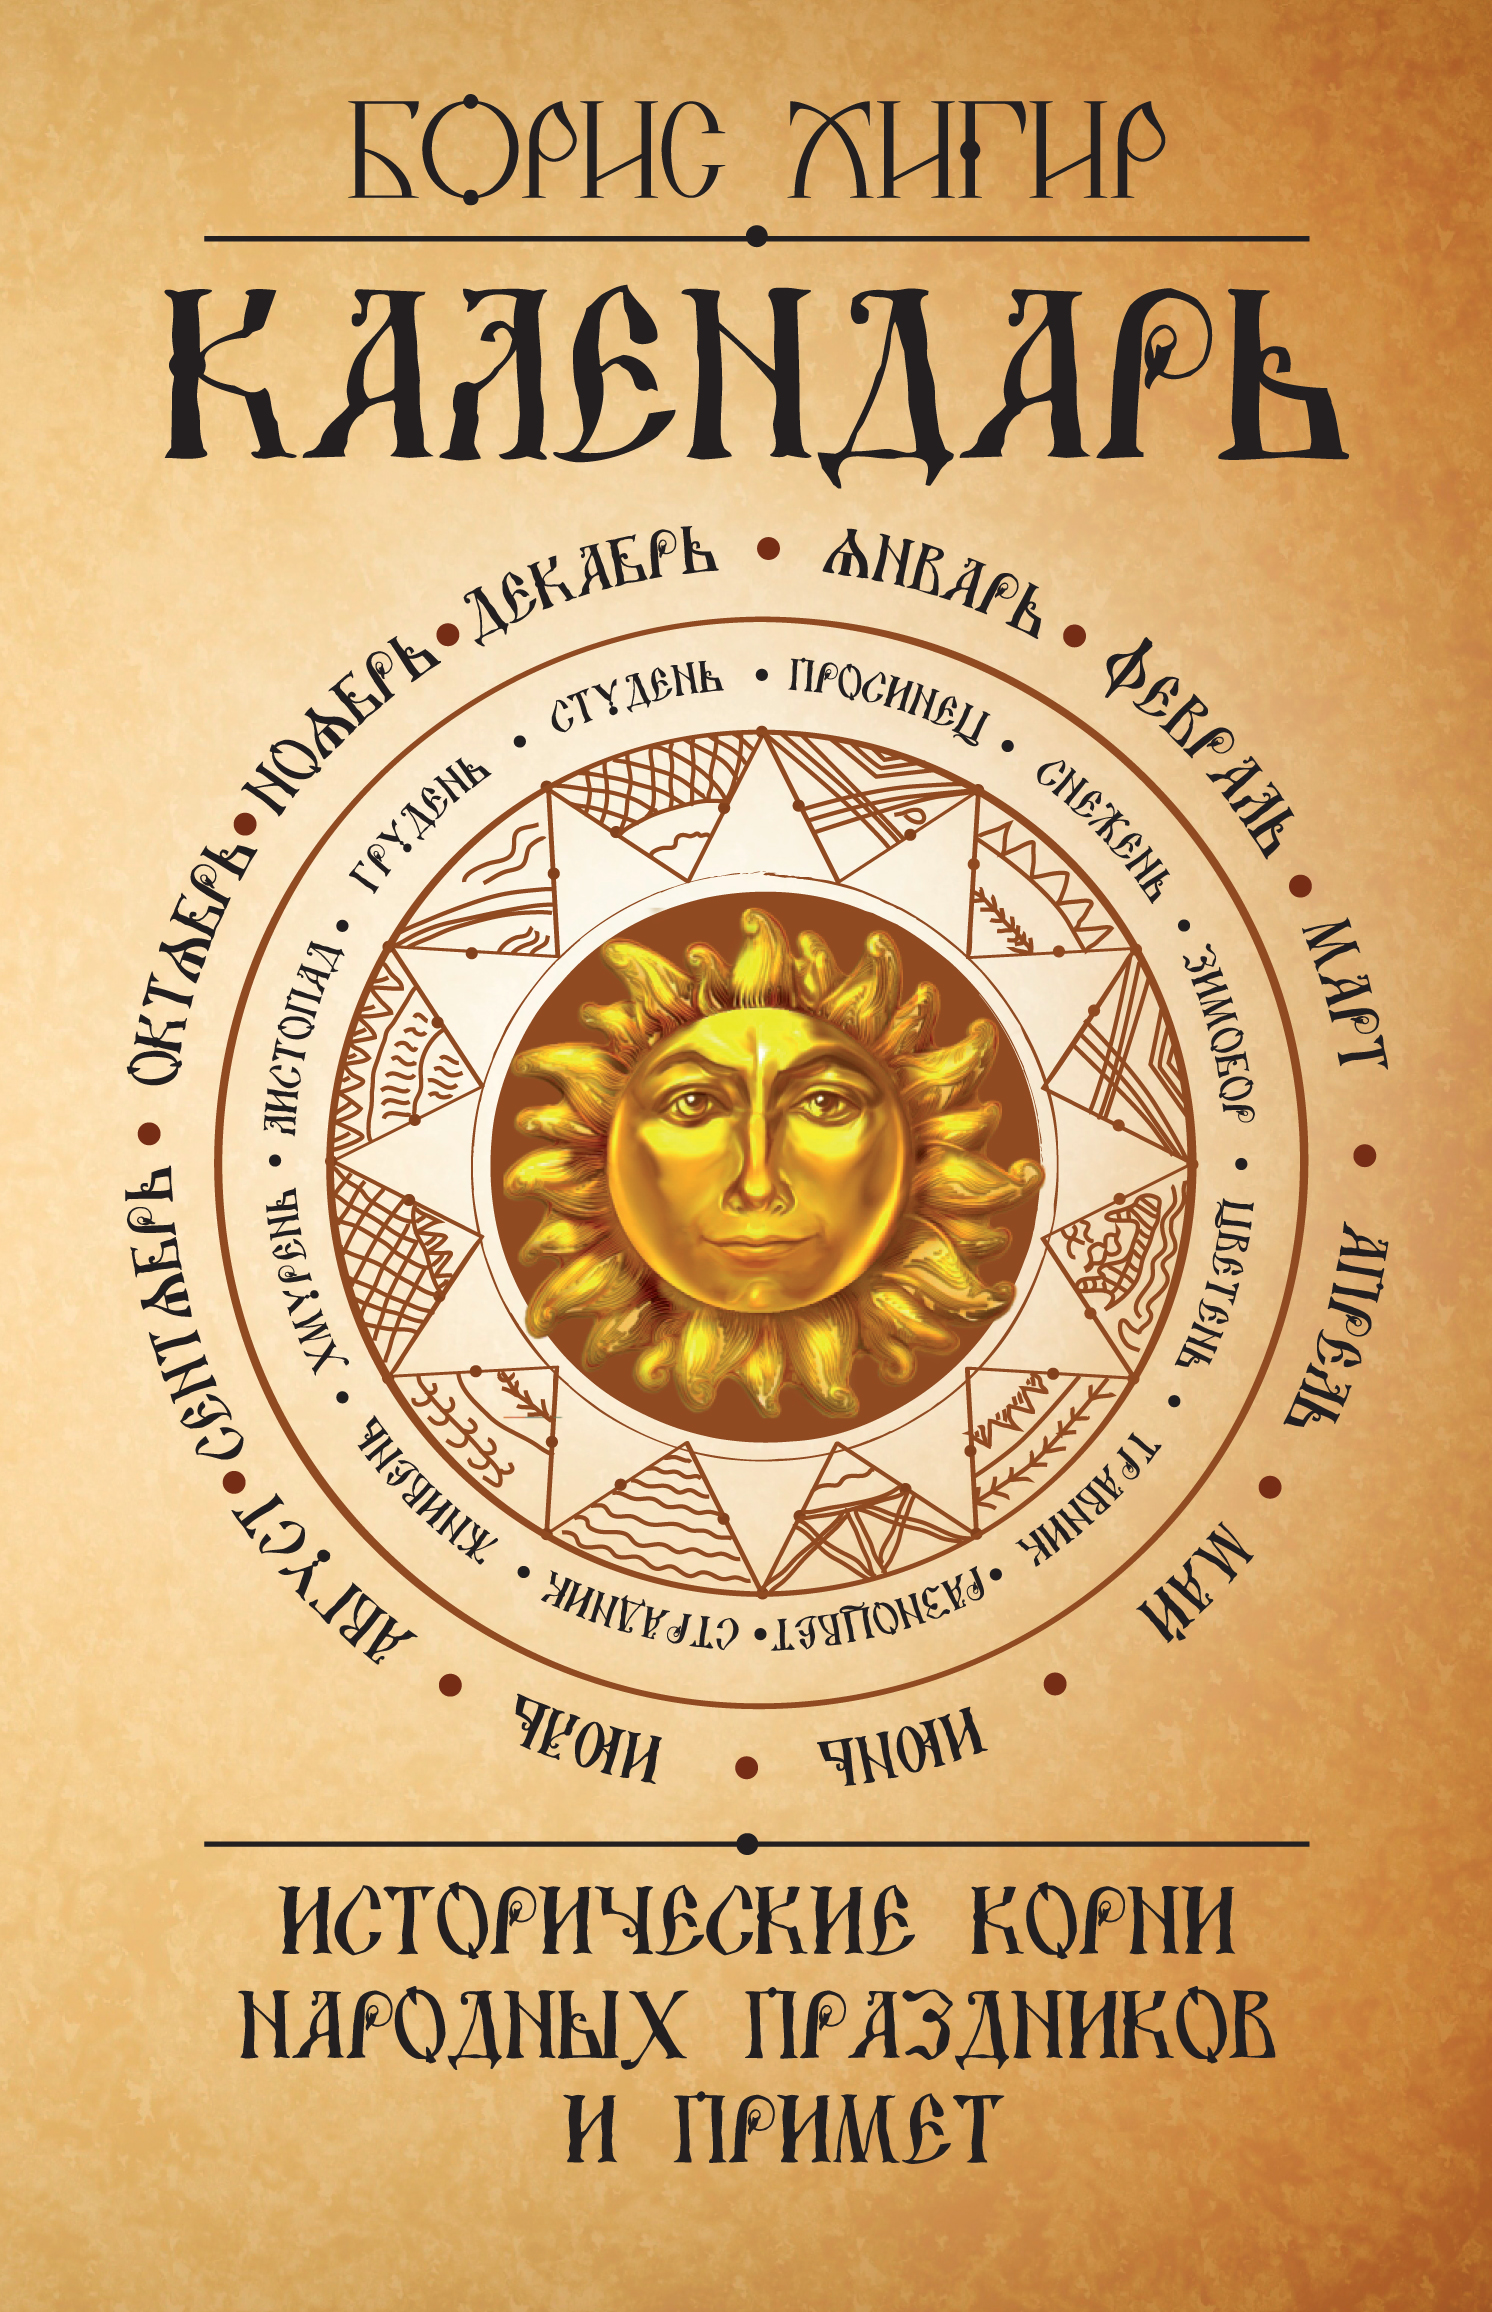 Календарь. Исторические корни народных праздников и примет. 2-е изд